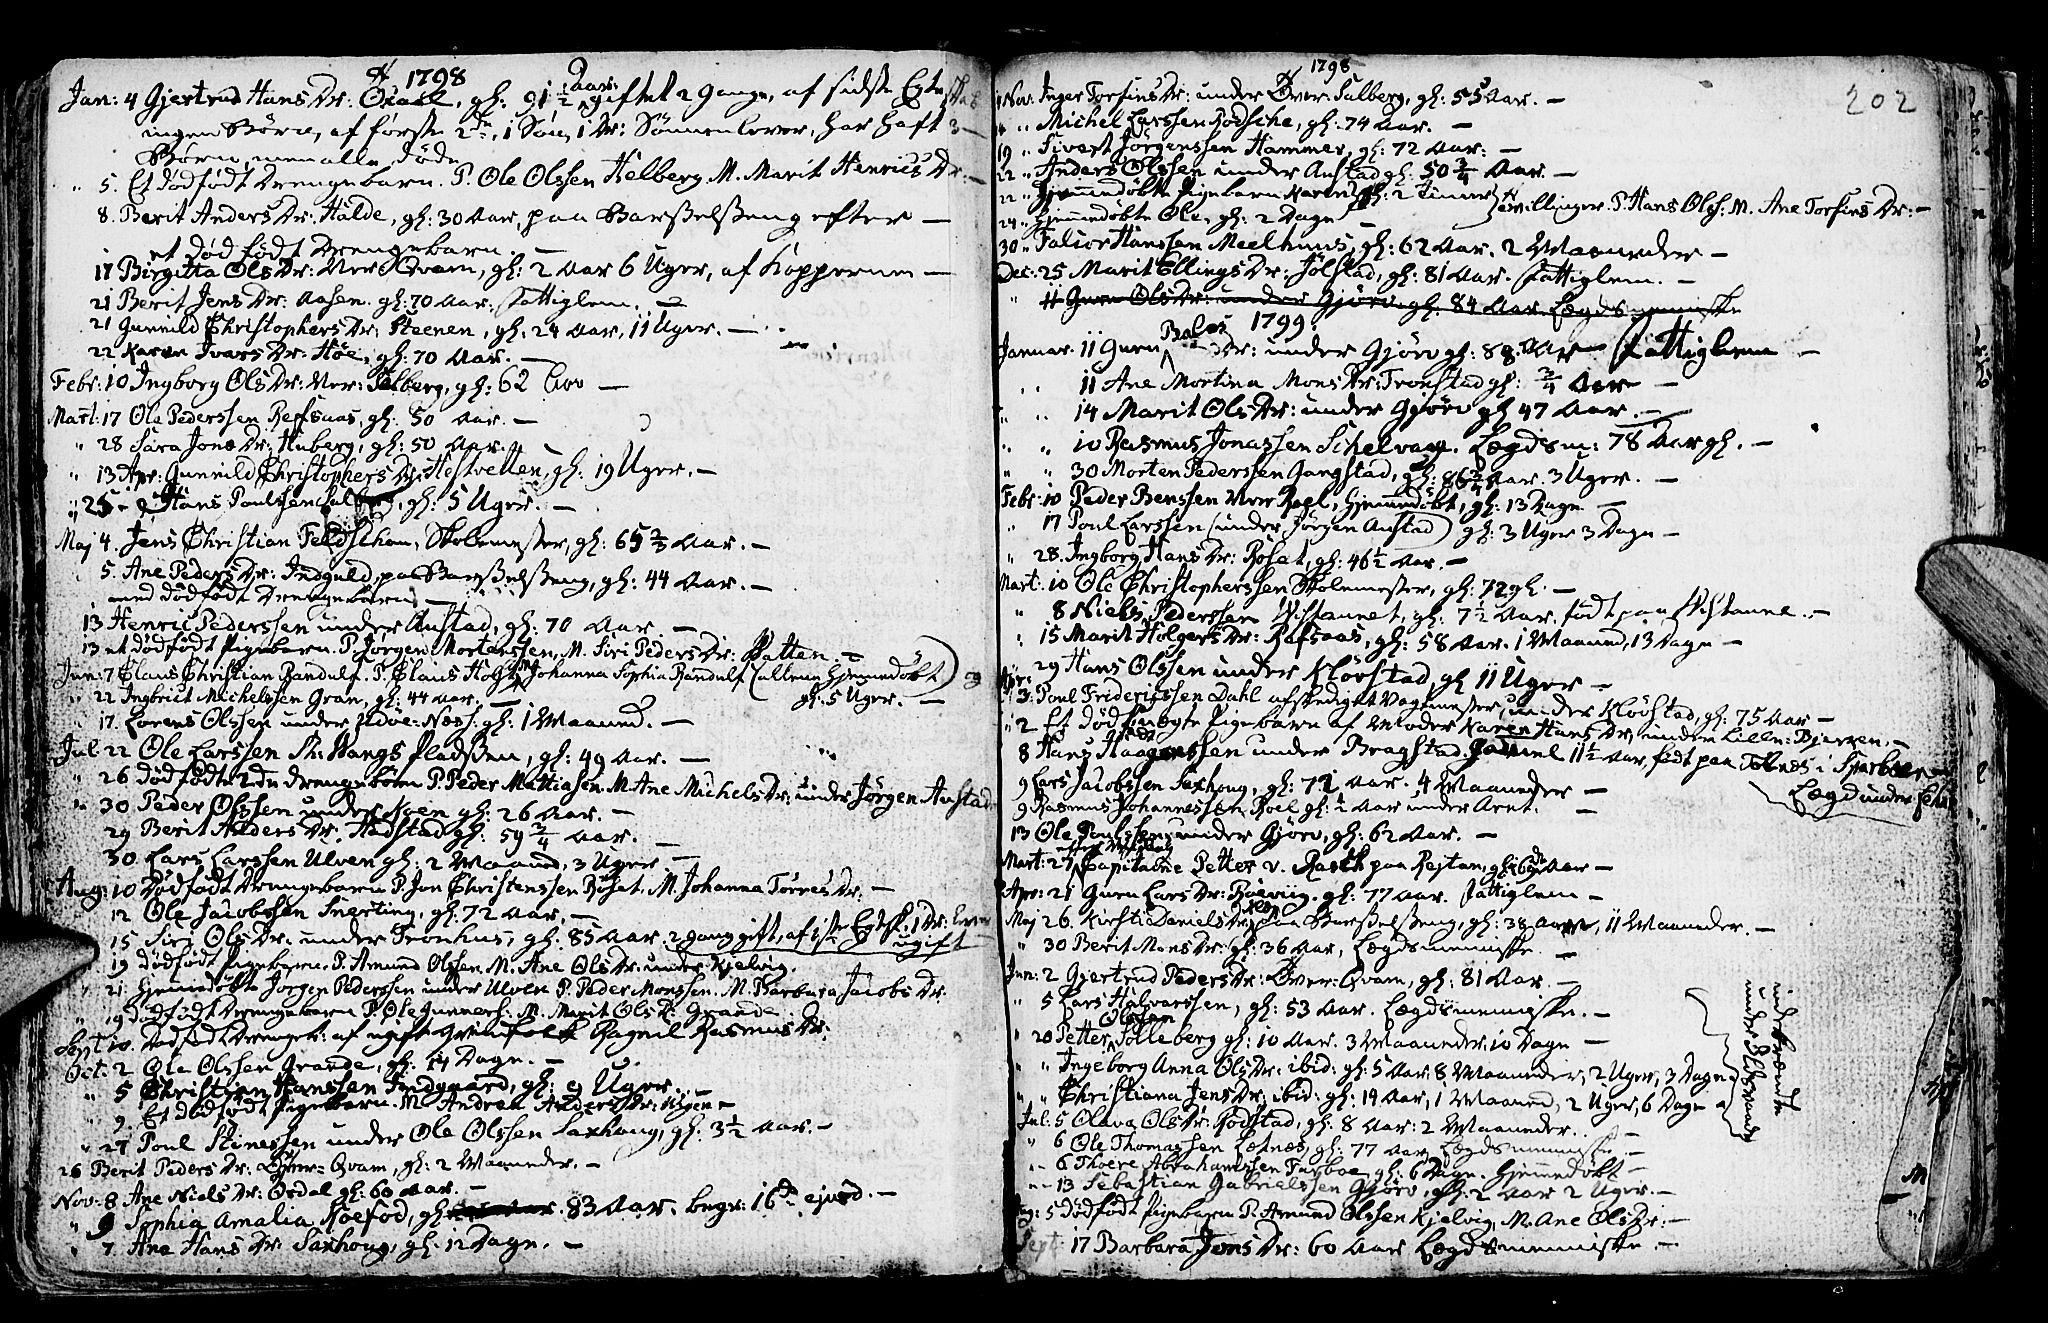 SAT, Ministerialprotokoller, klokkerbøker og fødselsregistre - Nord-Trøndelag, 730/L0273: Ministerialbok nr. 730A02, 1762-1802, s. 202